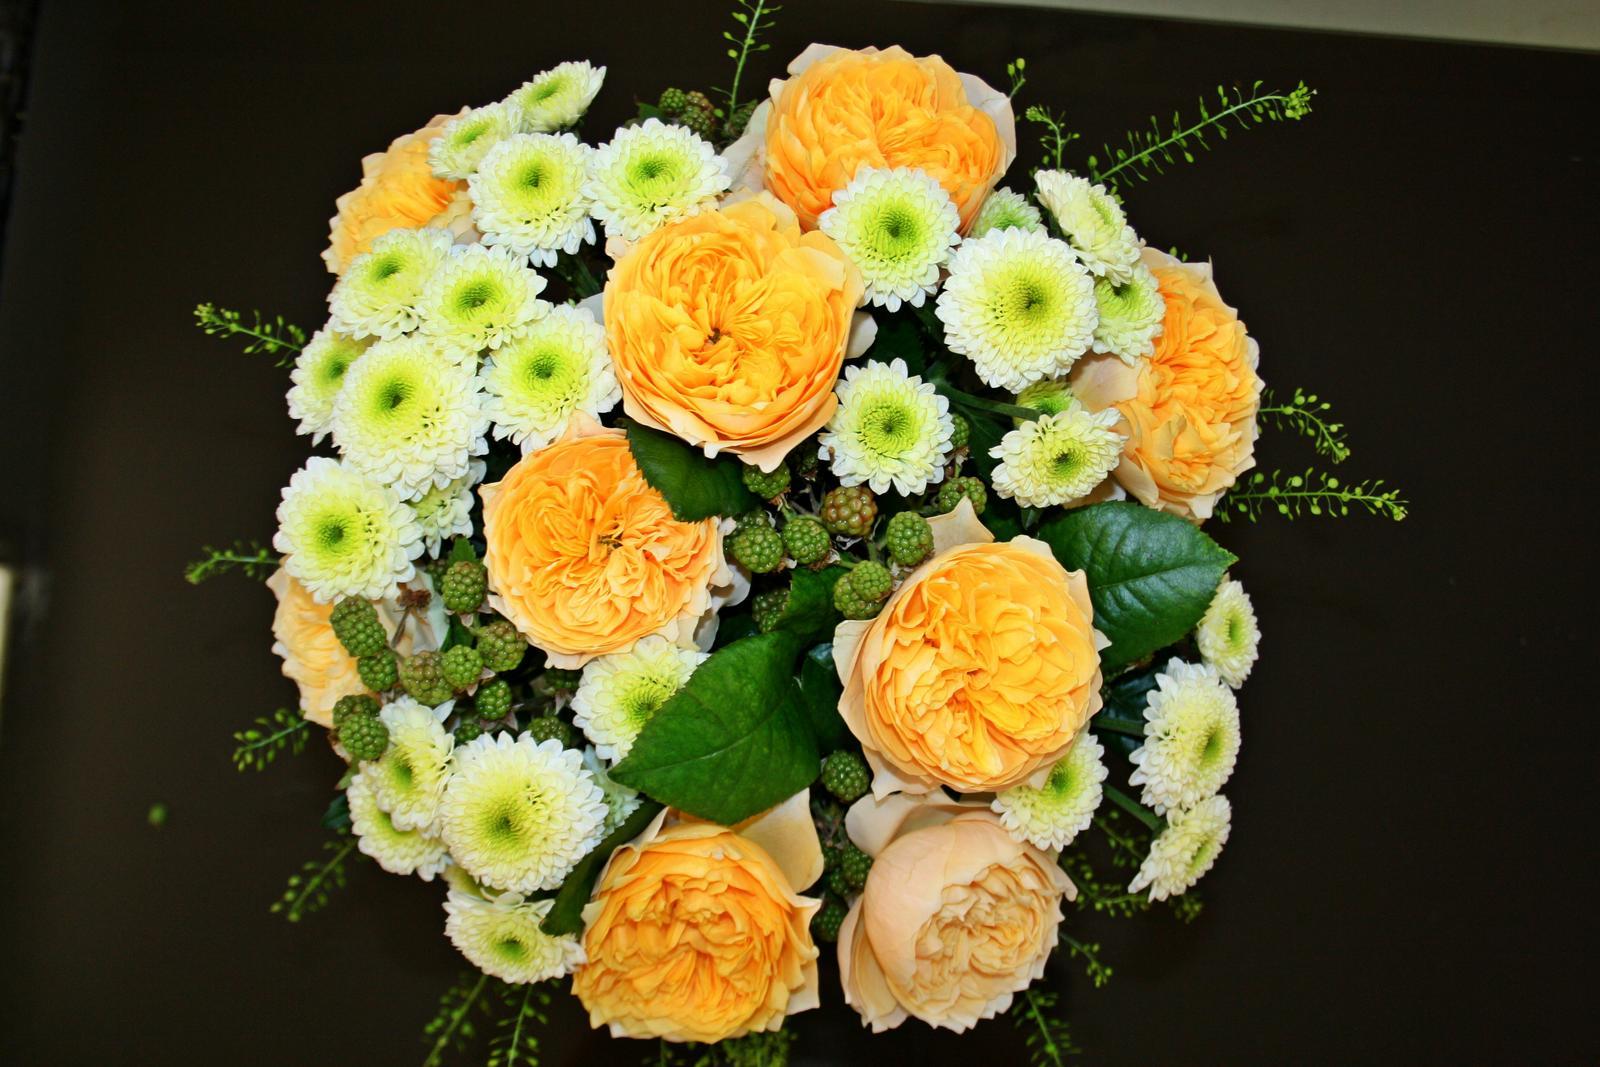 Jarne a letne aranzmany a dekoracie - Jedna z kytic z minuleho tyzdna...